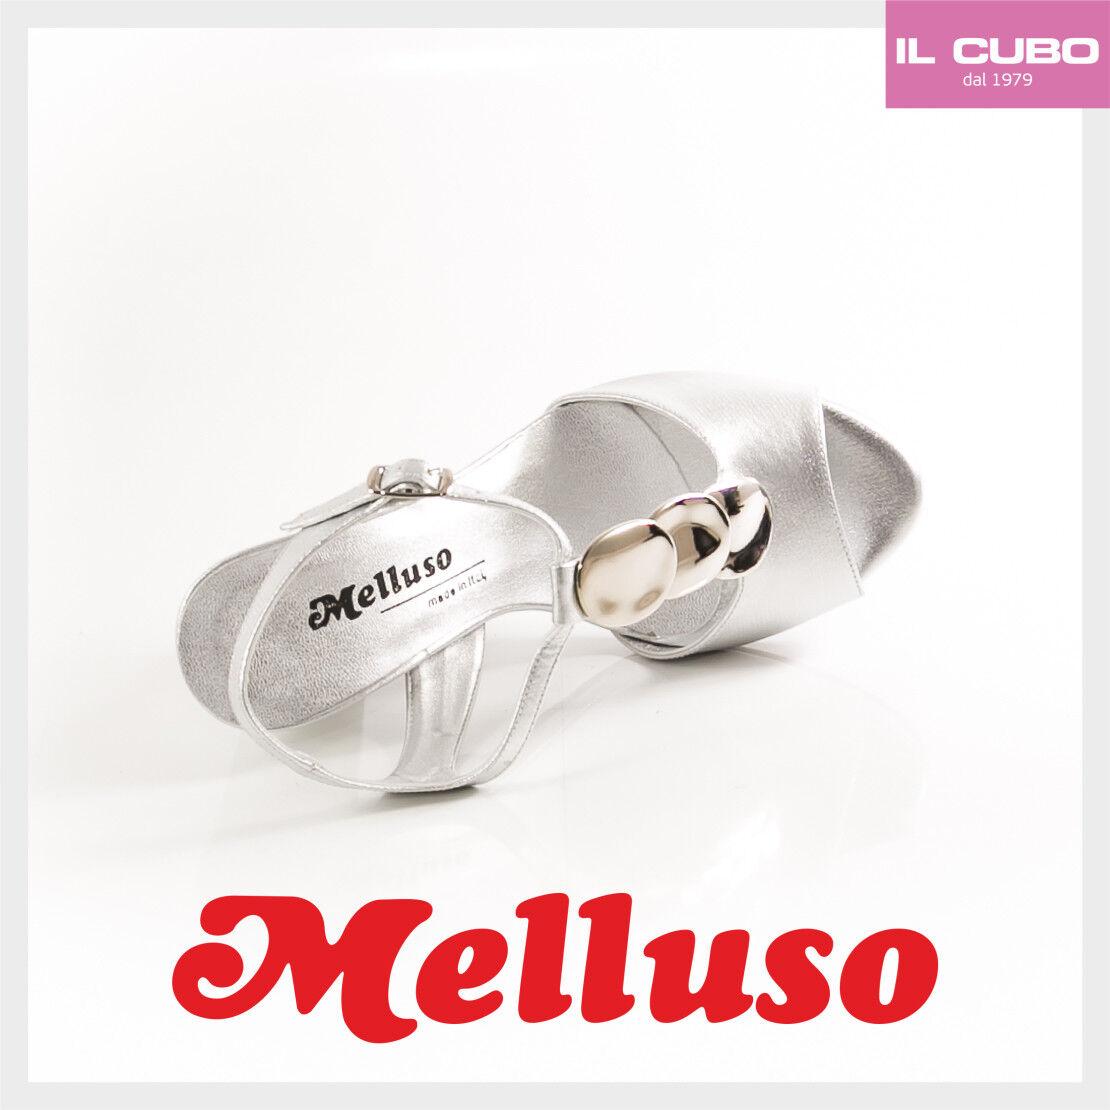 MELLUSO SANDALO Damens SCARPA COLORE ARGENTO SATEN TACCO H 8,5 CM NEW COLLECTION